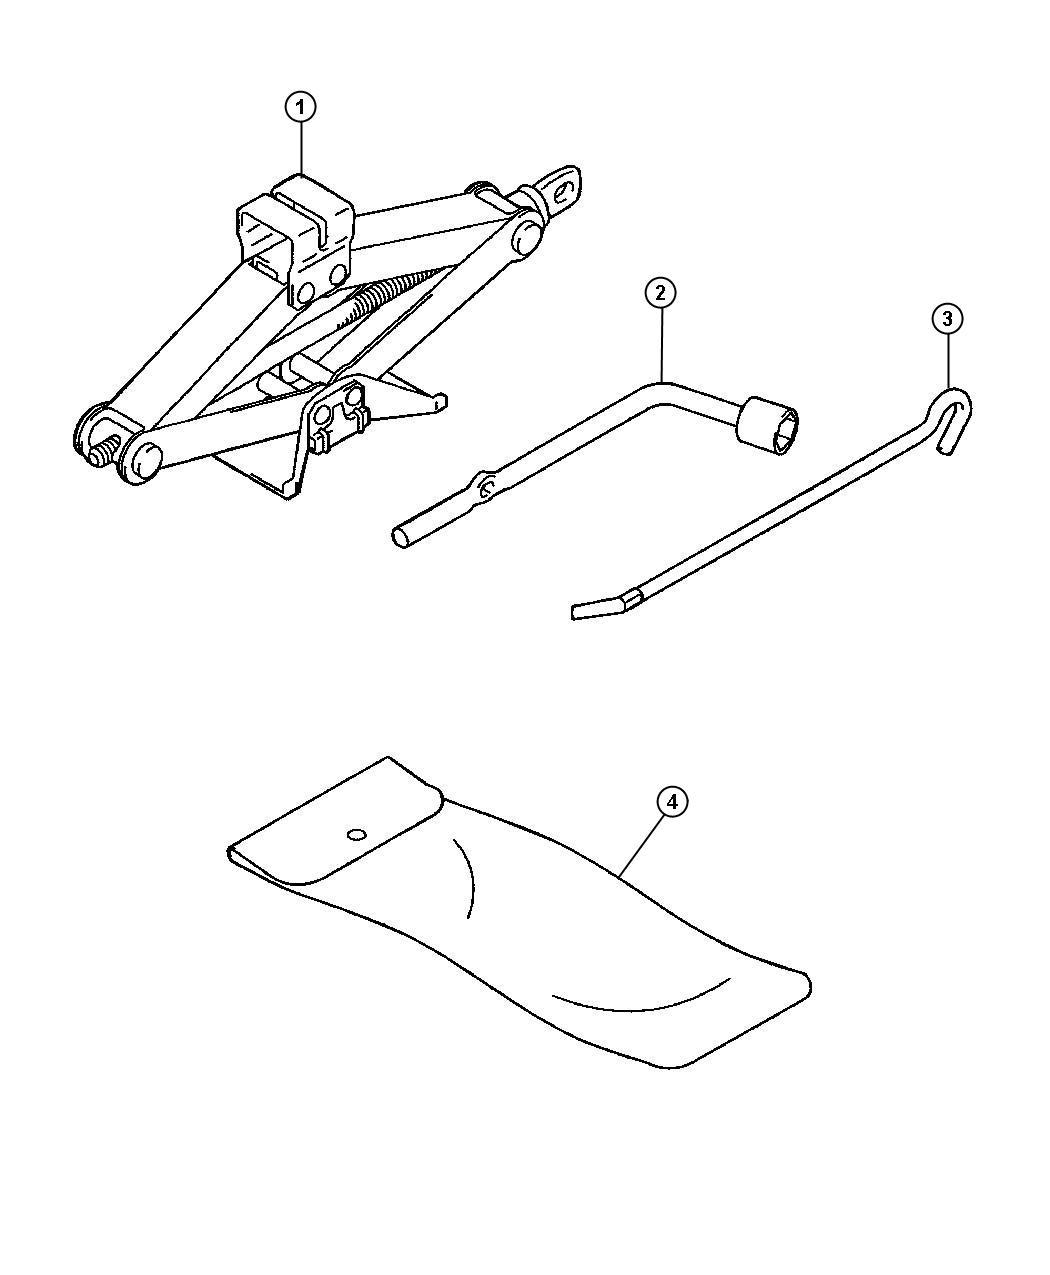 2004 chrysler sebring bag jack tool storage mr403998. Black Bedroom Furniture Sets. Home Design Ideas